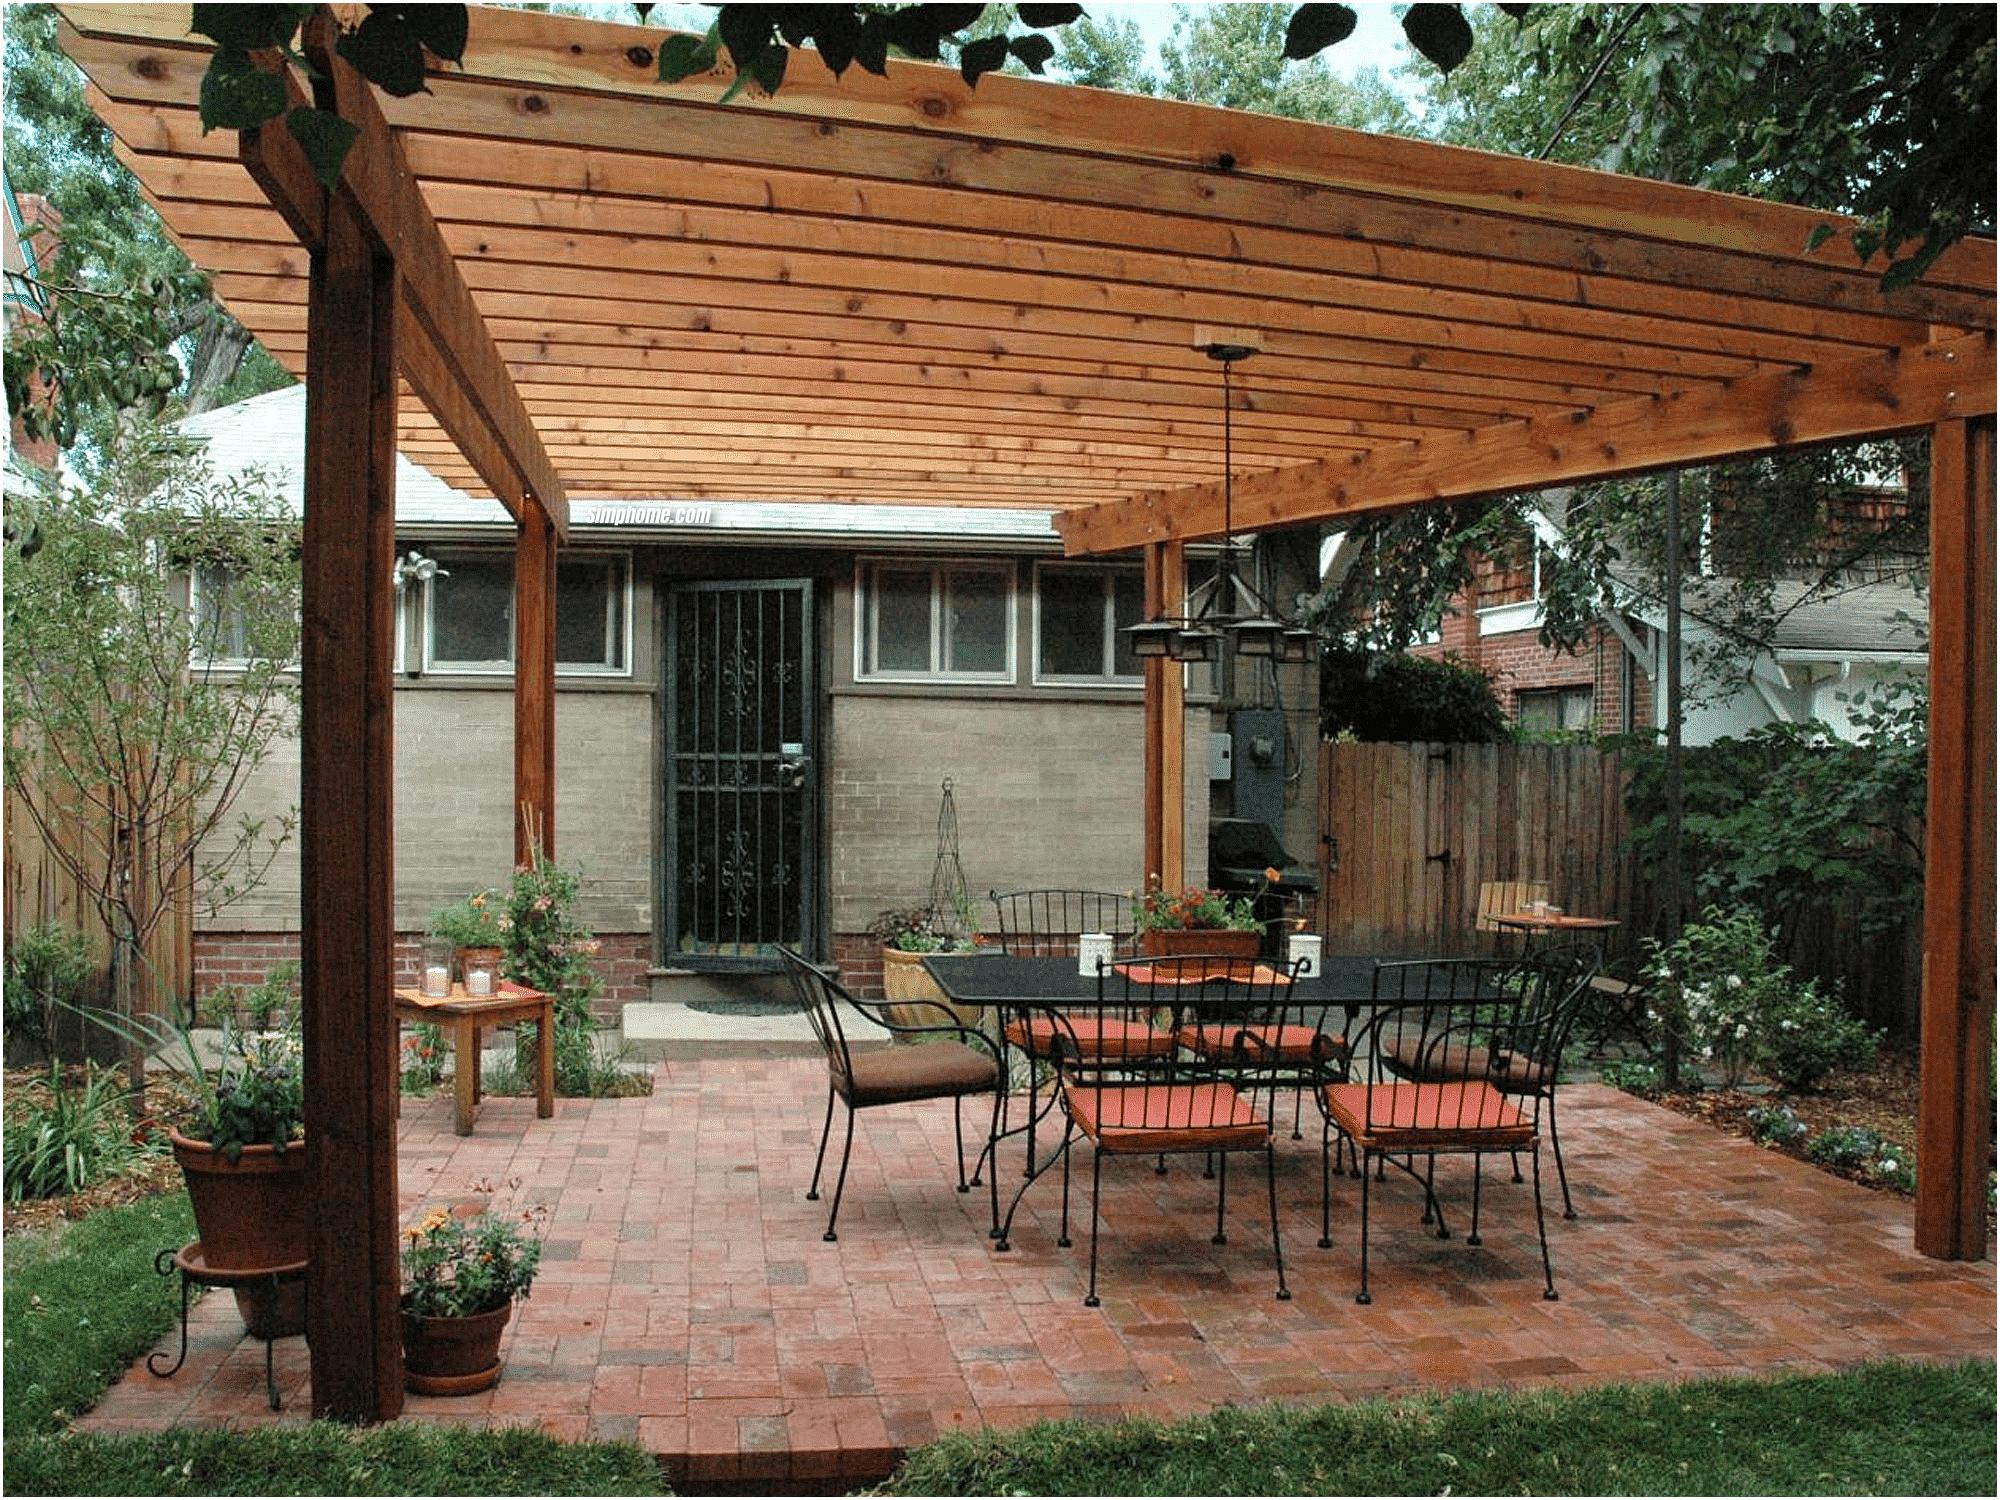 free pergola plans you can diy today with regard to backyard pergola ideas via Simphome.com